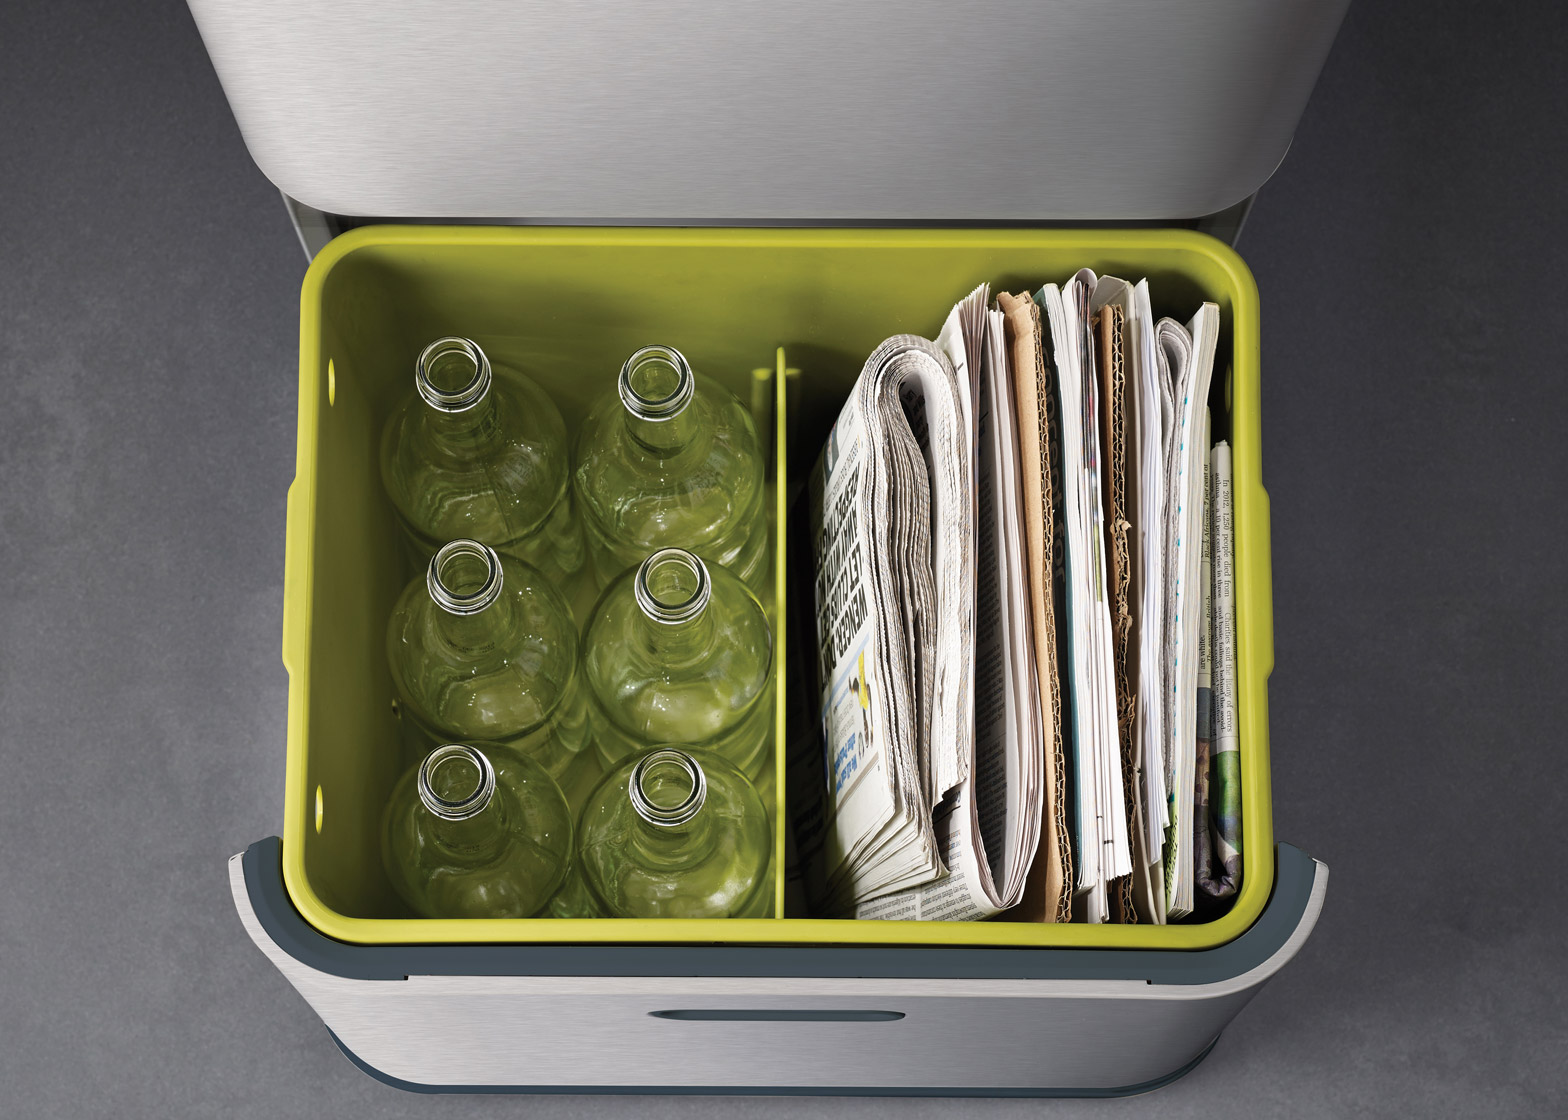 Как красиво организовать раздельный сбор мусора у себя на кухне?